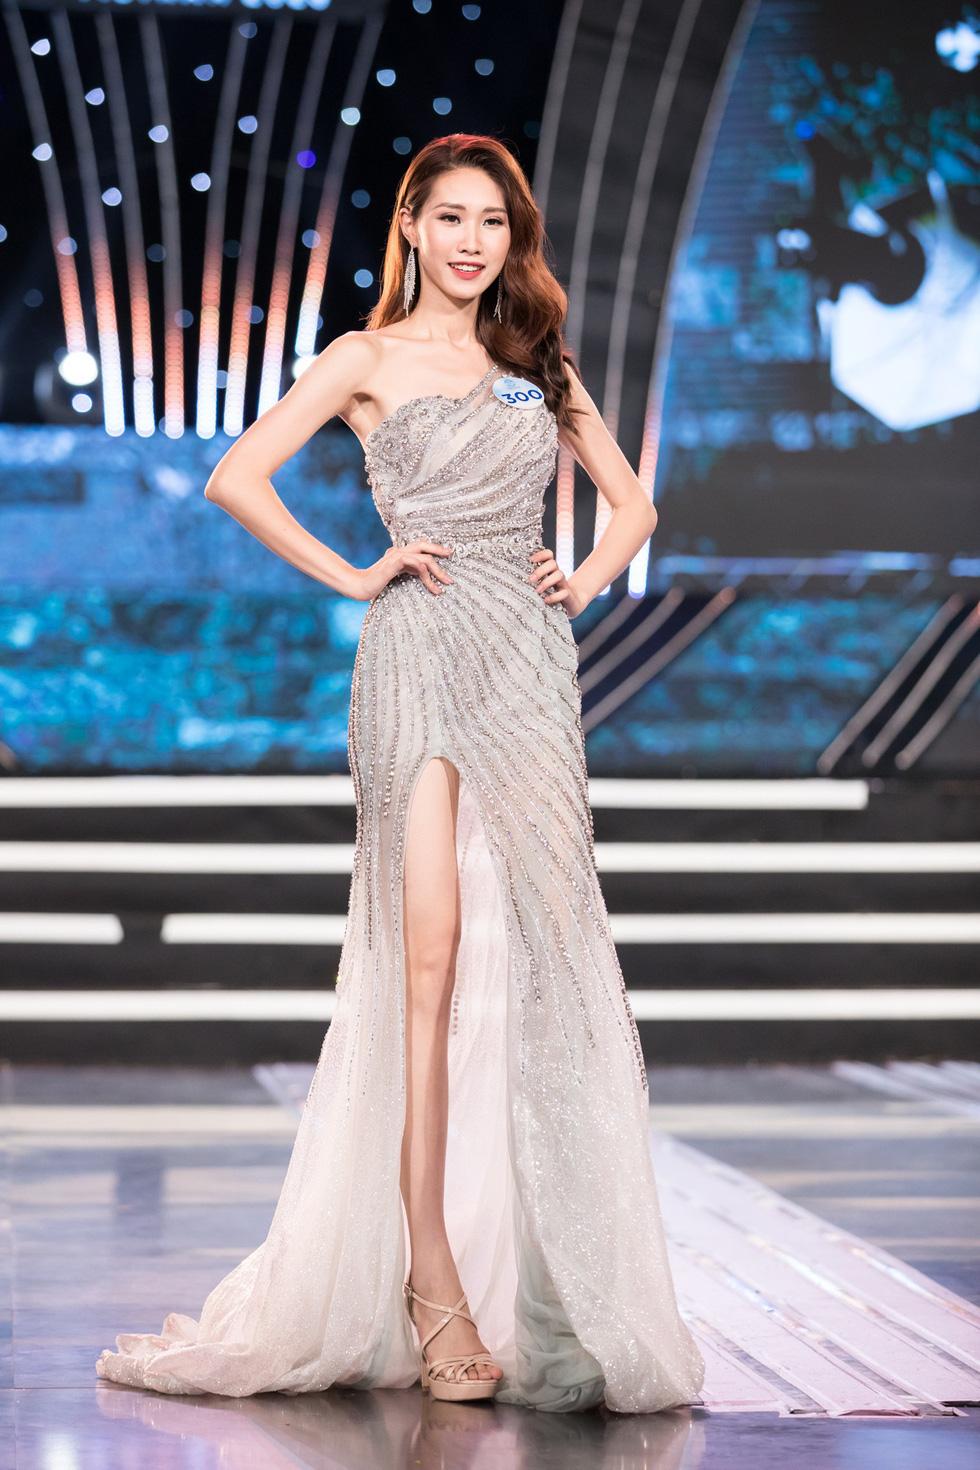 Ngọc Ánh từng tham giaHoa hậu Thế giới Việt Nam 2019 và dừng chân ở vòng Chung kết